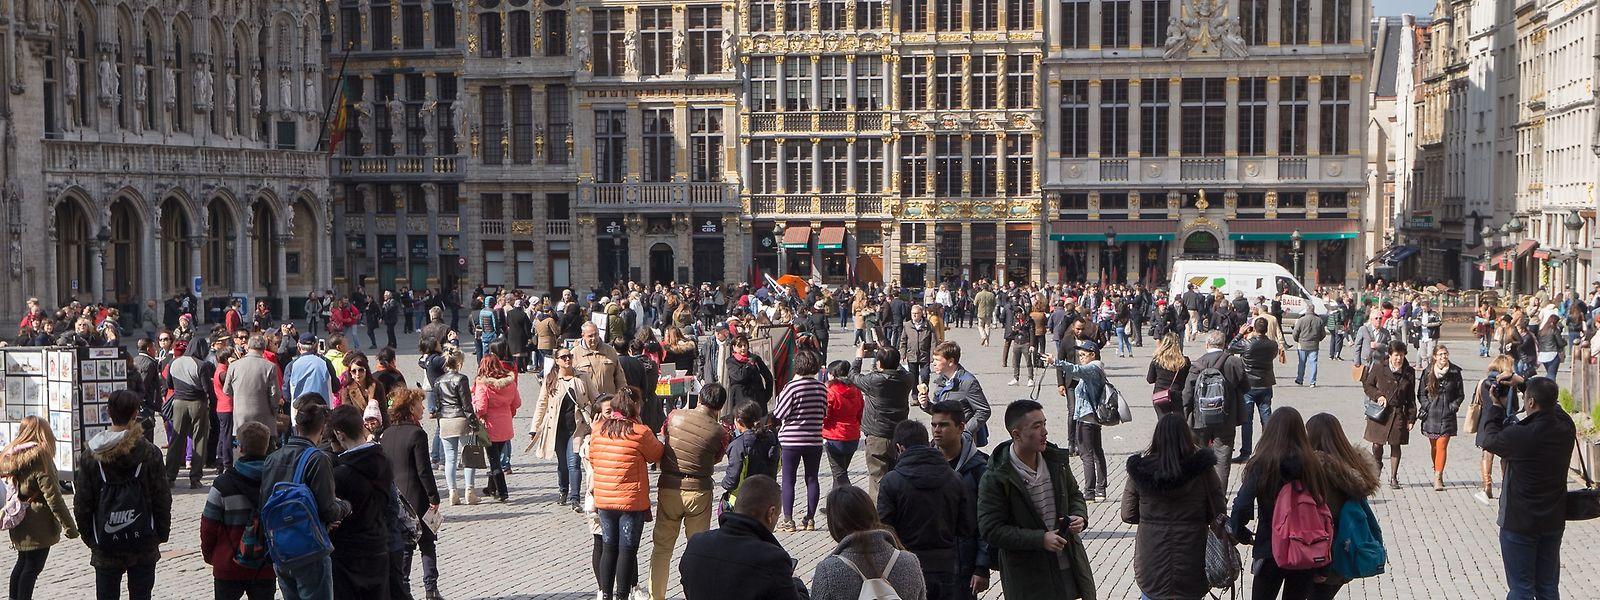 Brüssel zählt zu den beliebten Städten für Luxemburger Studenten.